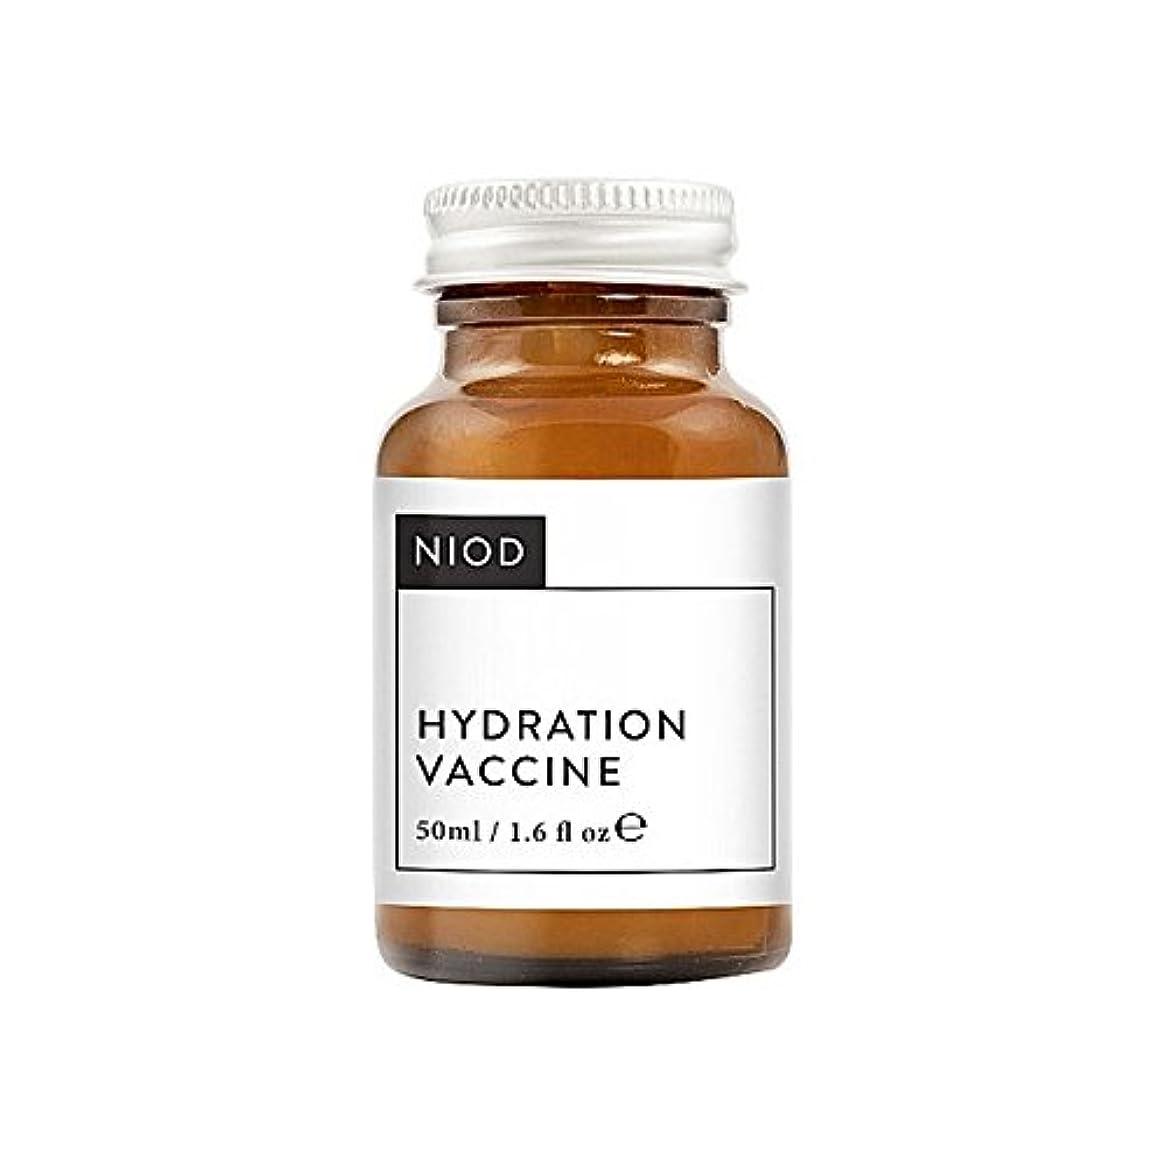 国籍かける知らせるNiod Hydration Vaccine 50Ml - 水和ワクチン50ミリリットル [並行輸入品]